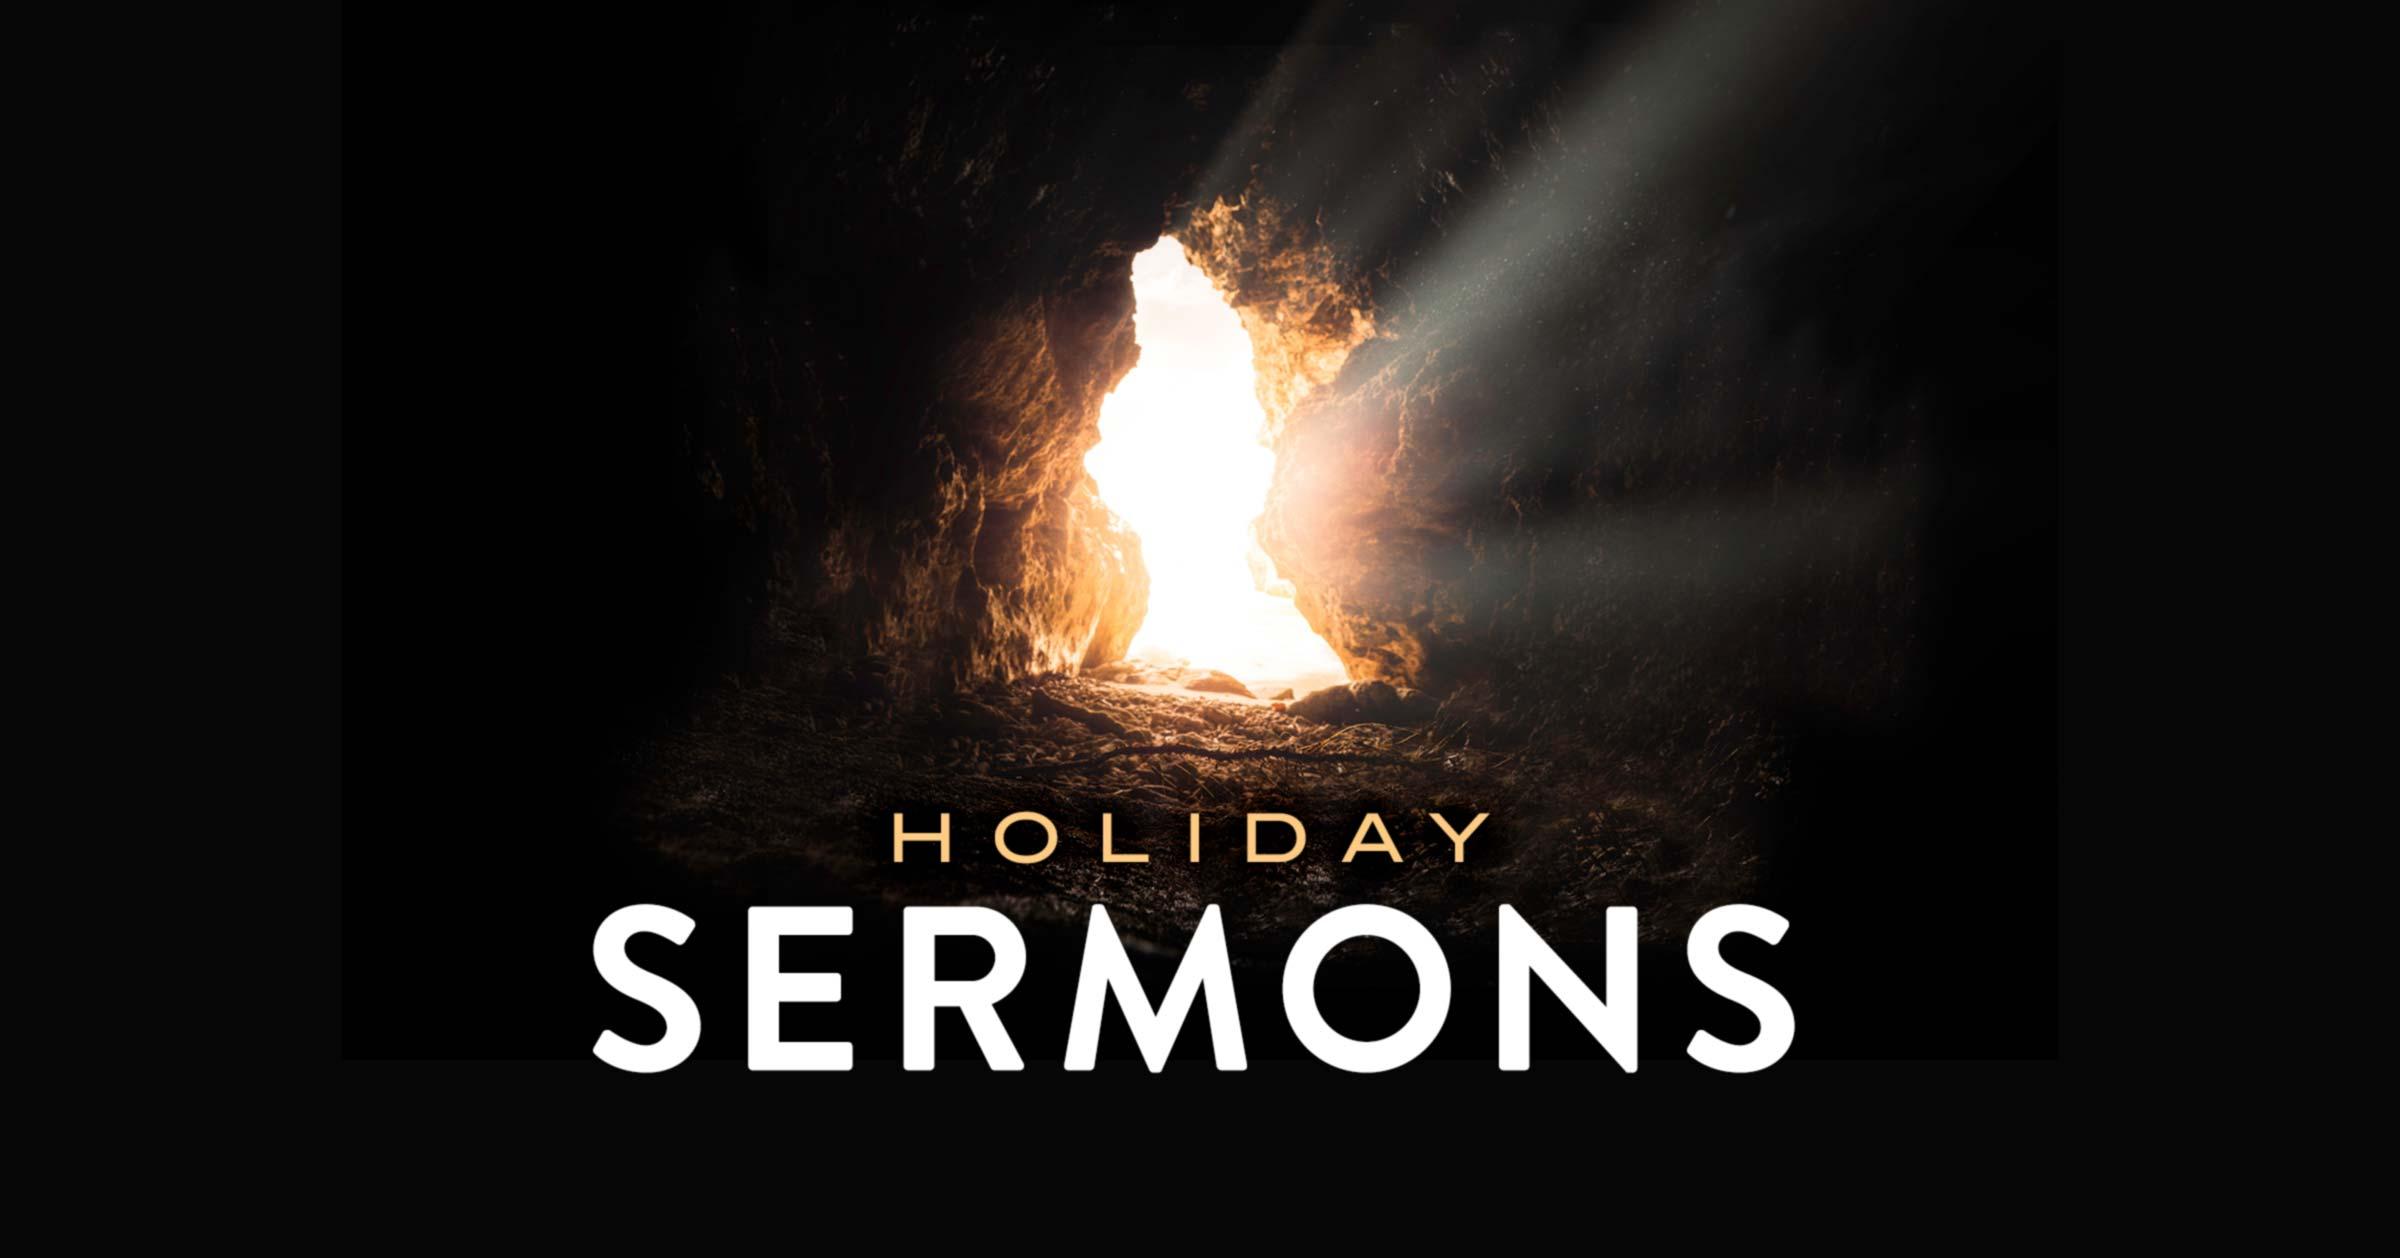 PV Bible Church -- Holiday sermons